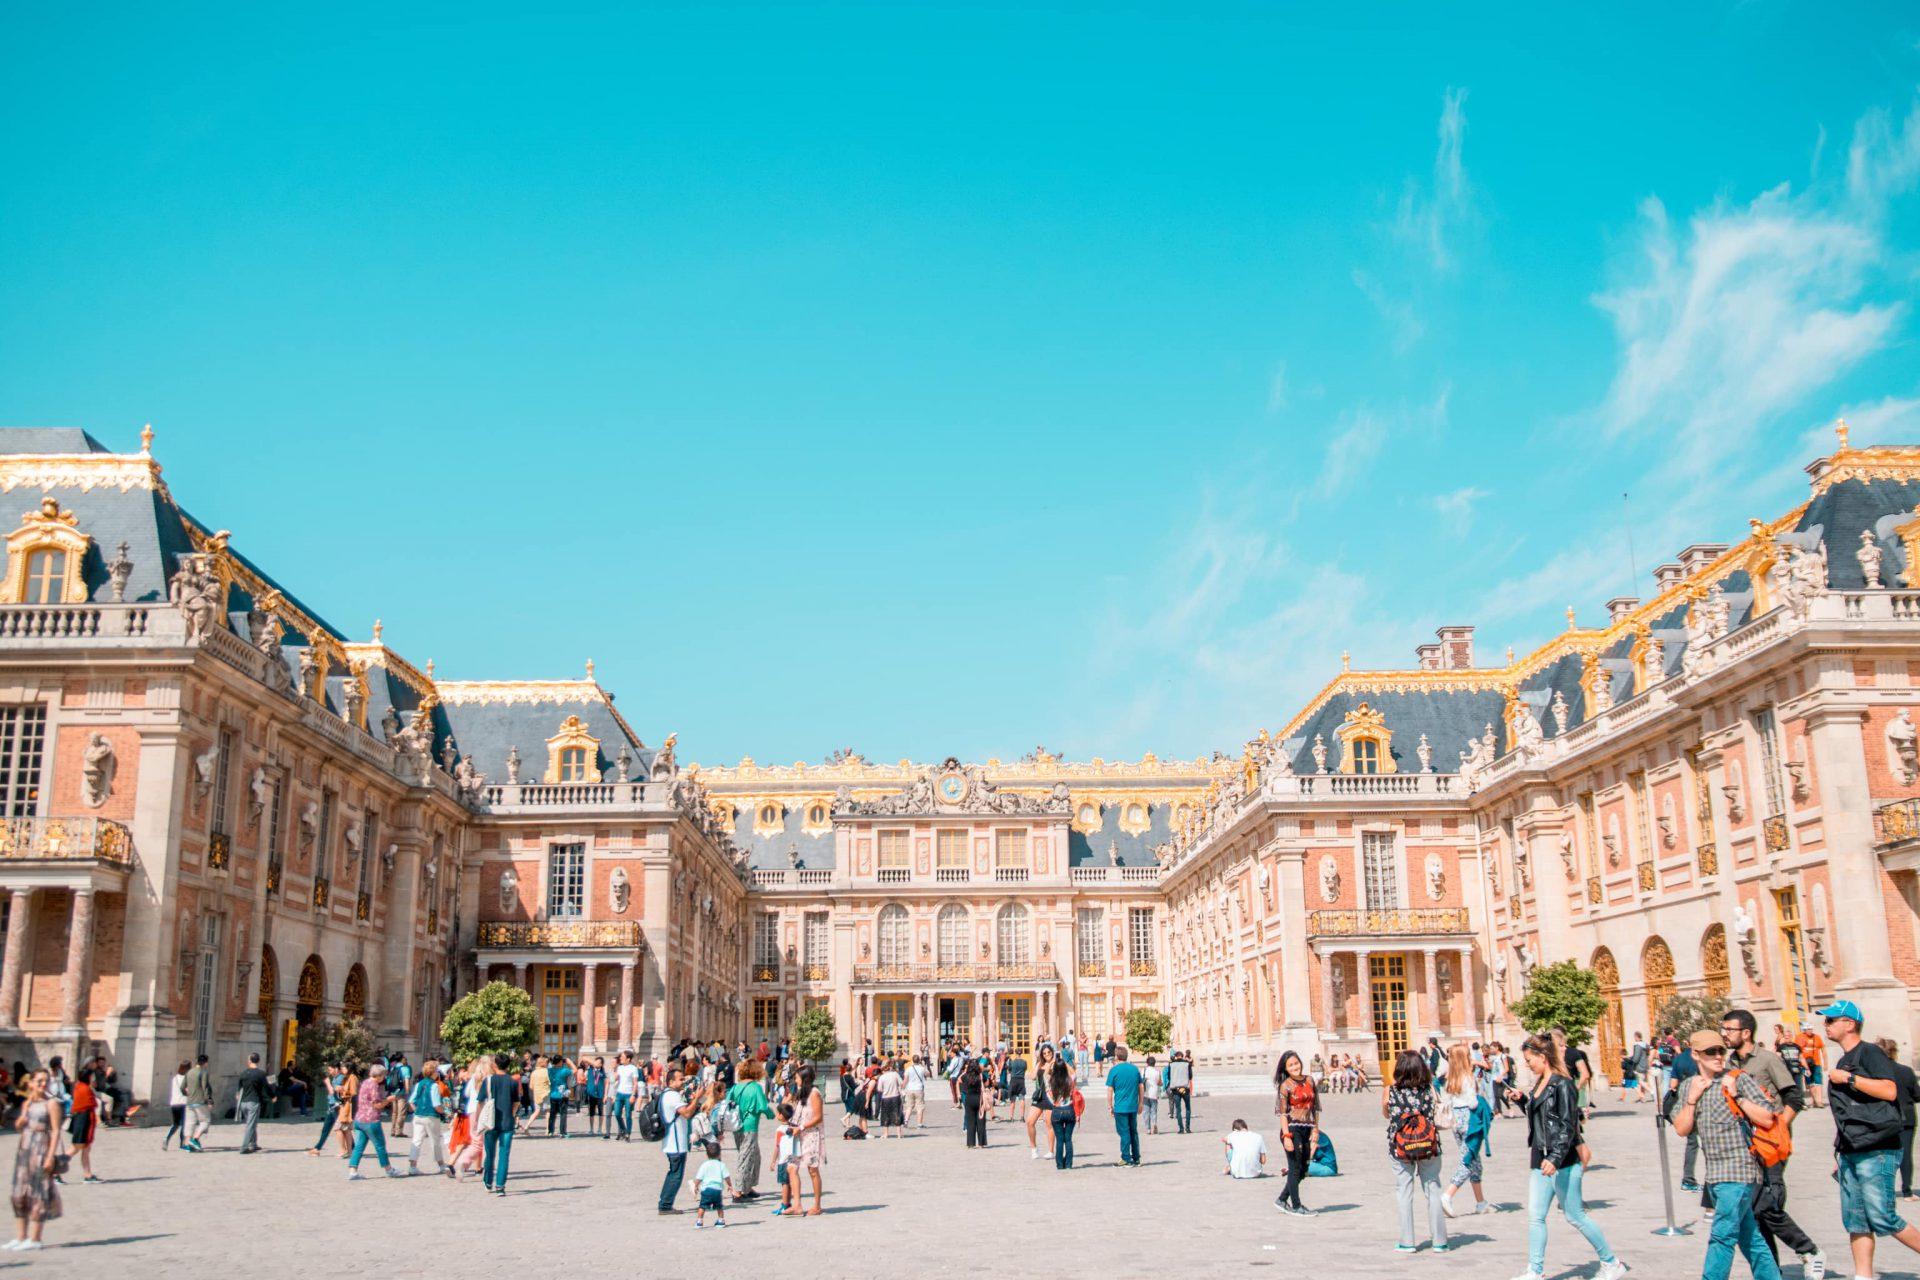 Versailles1 - Kasteel van Versailles bezoeken: alles wat je moet weten! (+ tips om de wachtrij over te slaan!)